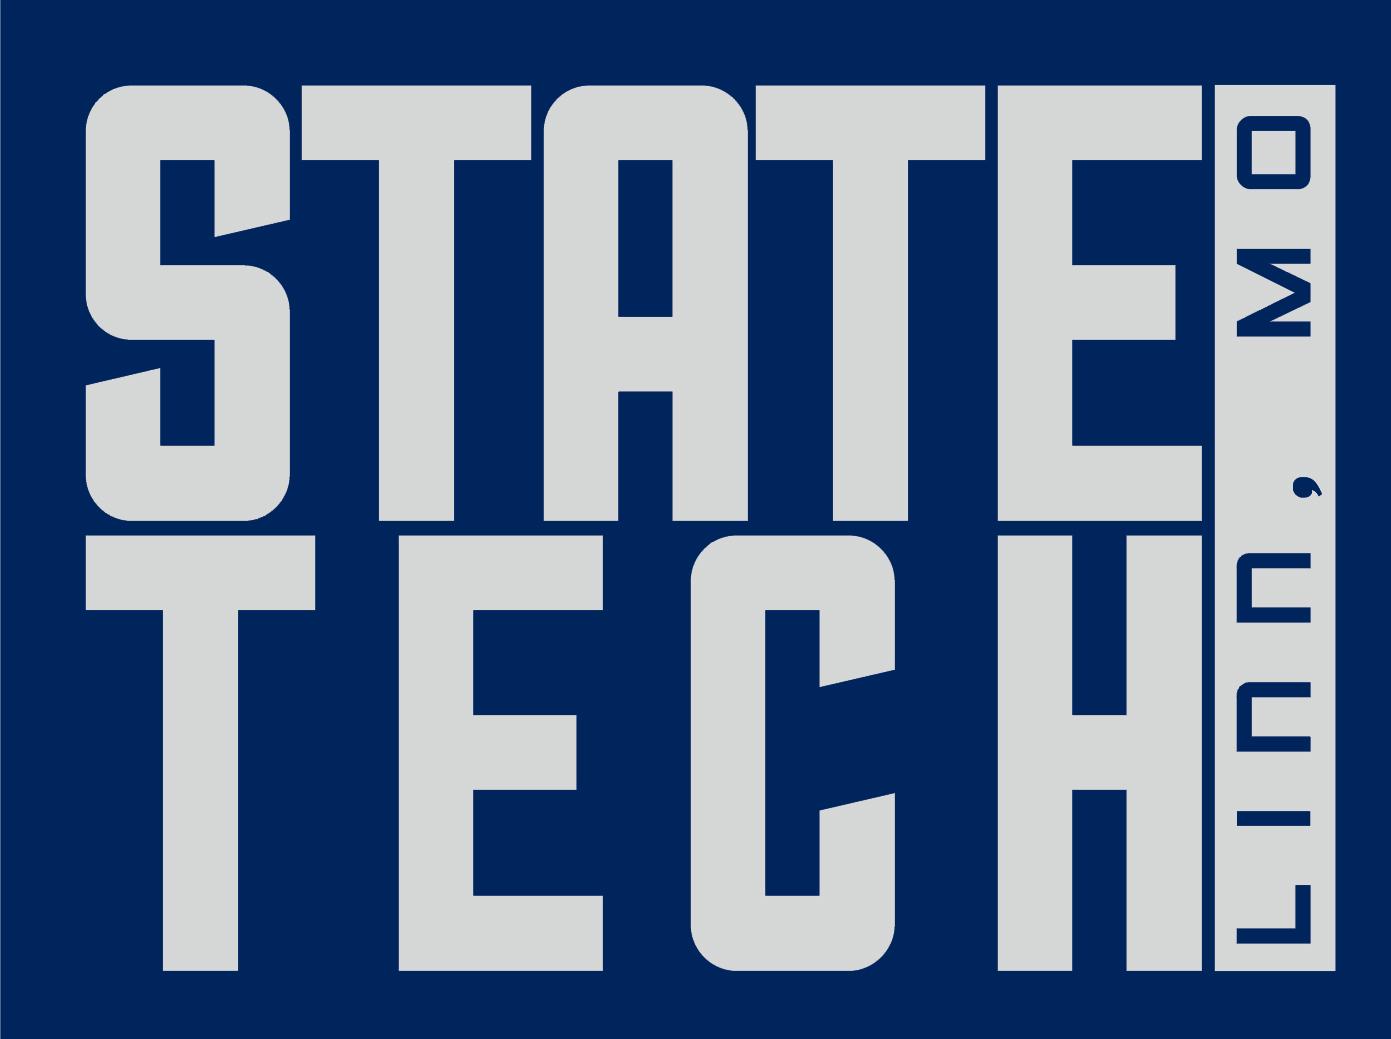 statetechlogo.jpg